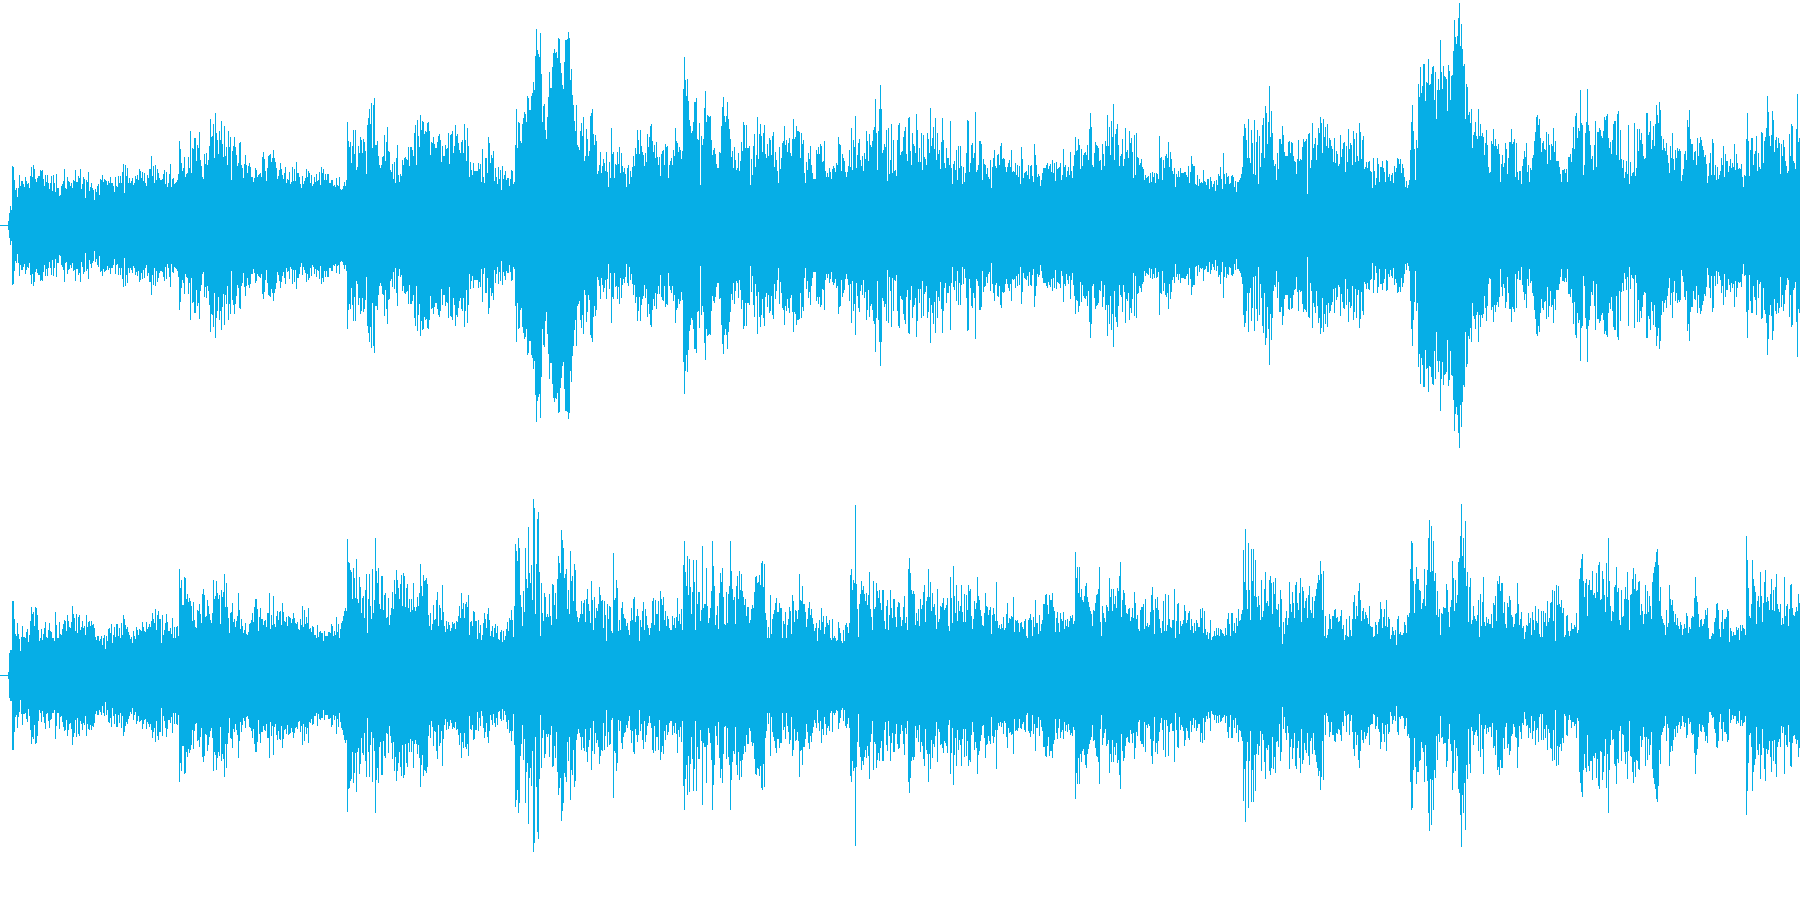 不穏で緊張感のある実験音楽の再生済みの波形